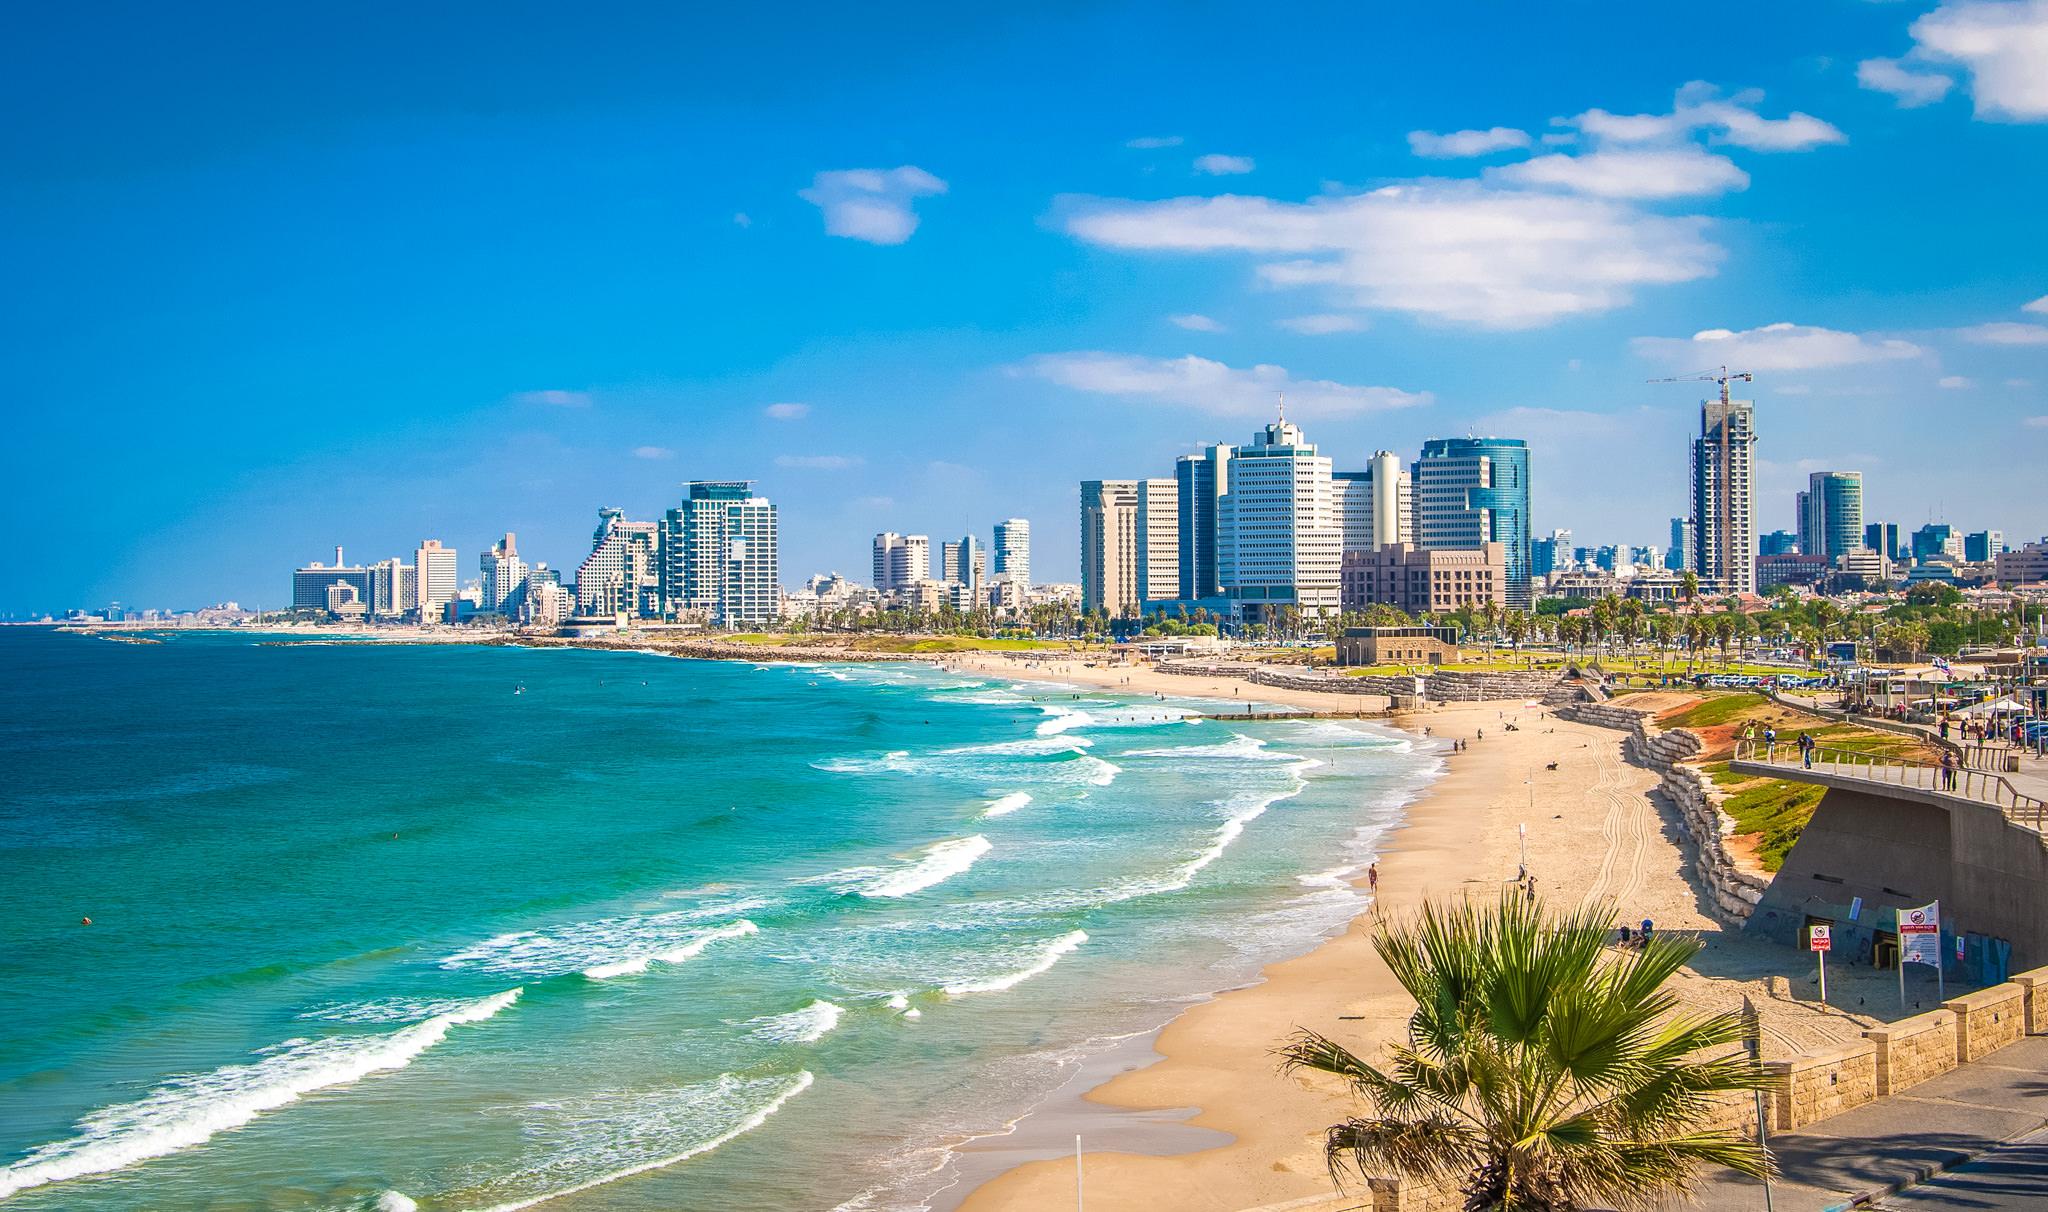 региона будет виды моря израиля фото будут два одною